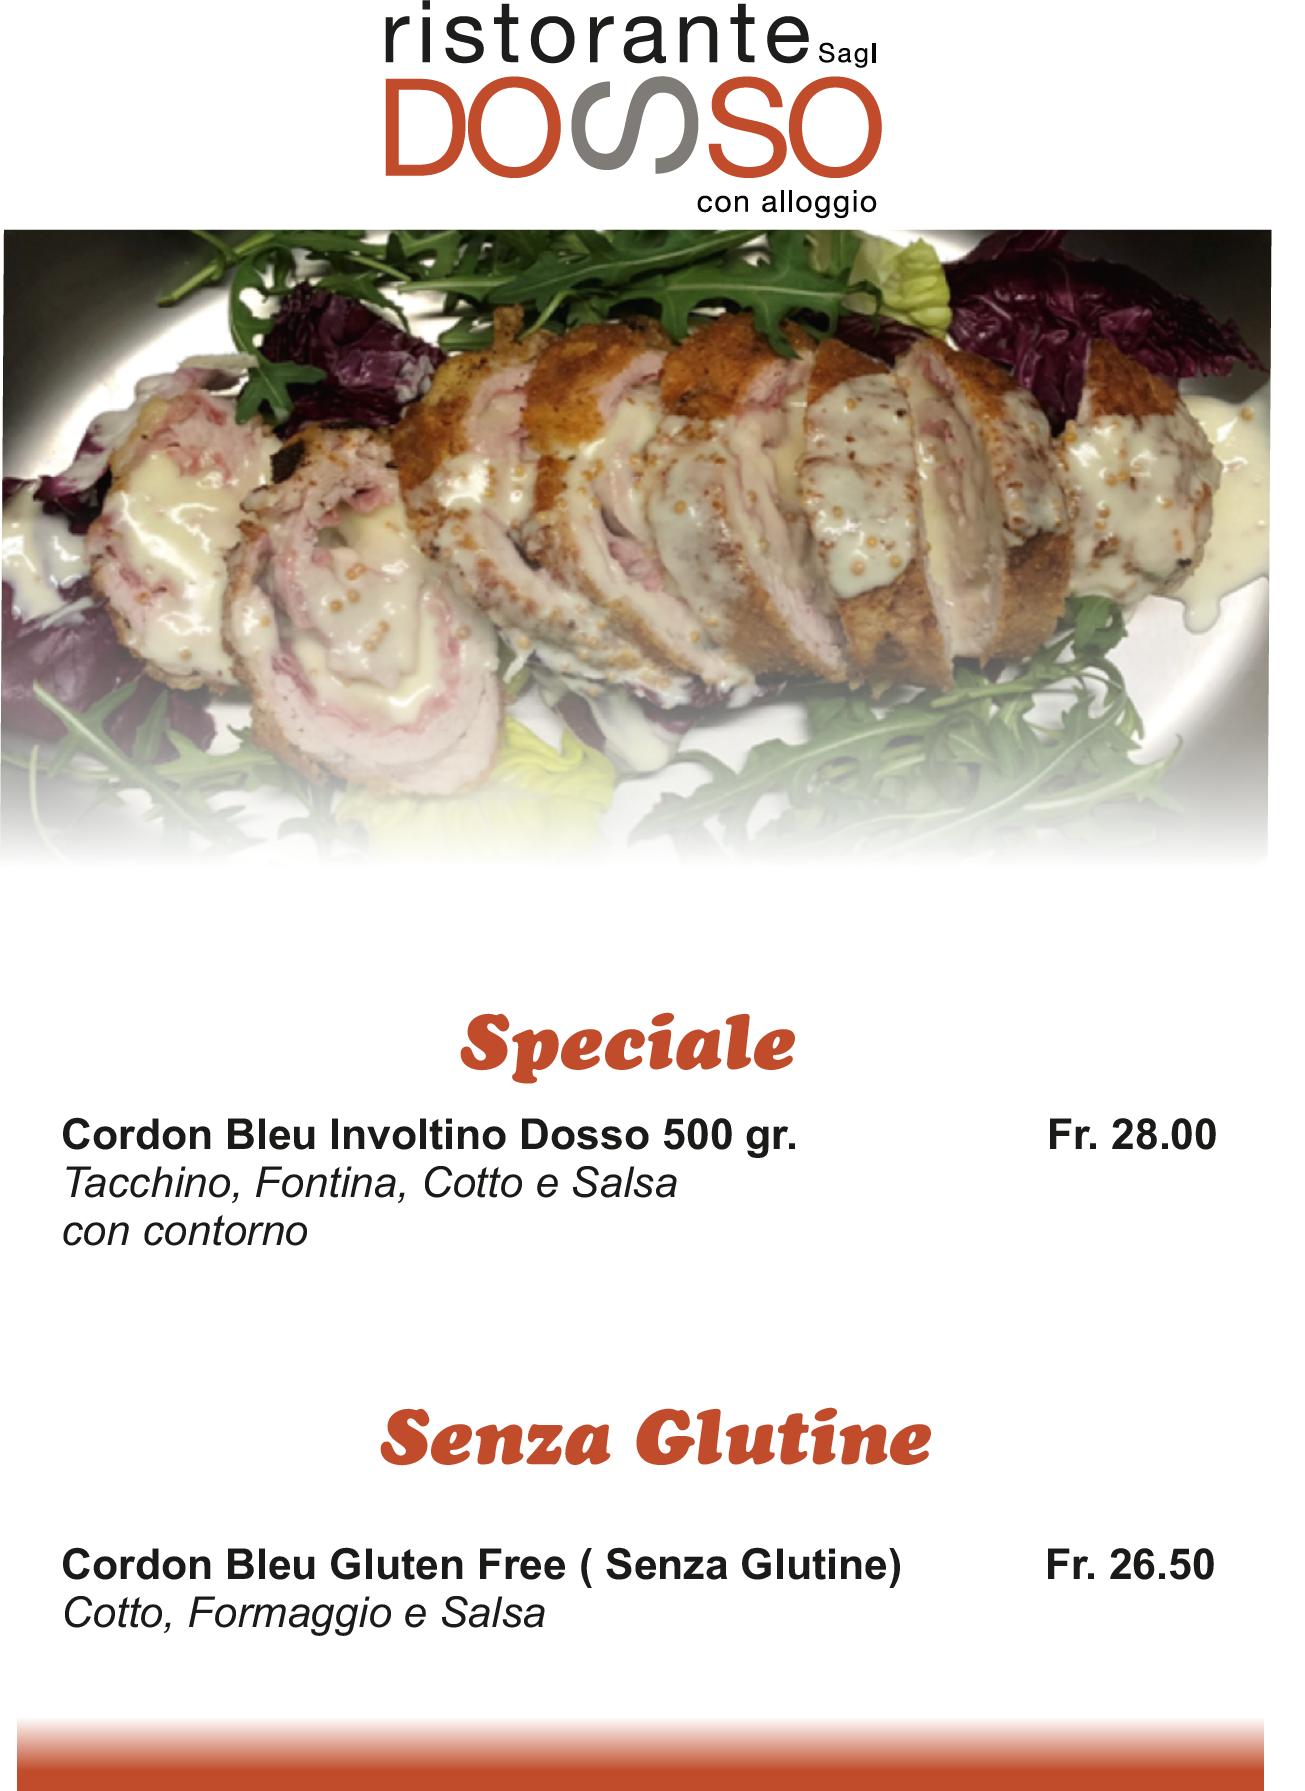 menu_dosso_cordon_bleu(2)